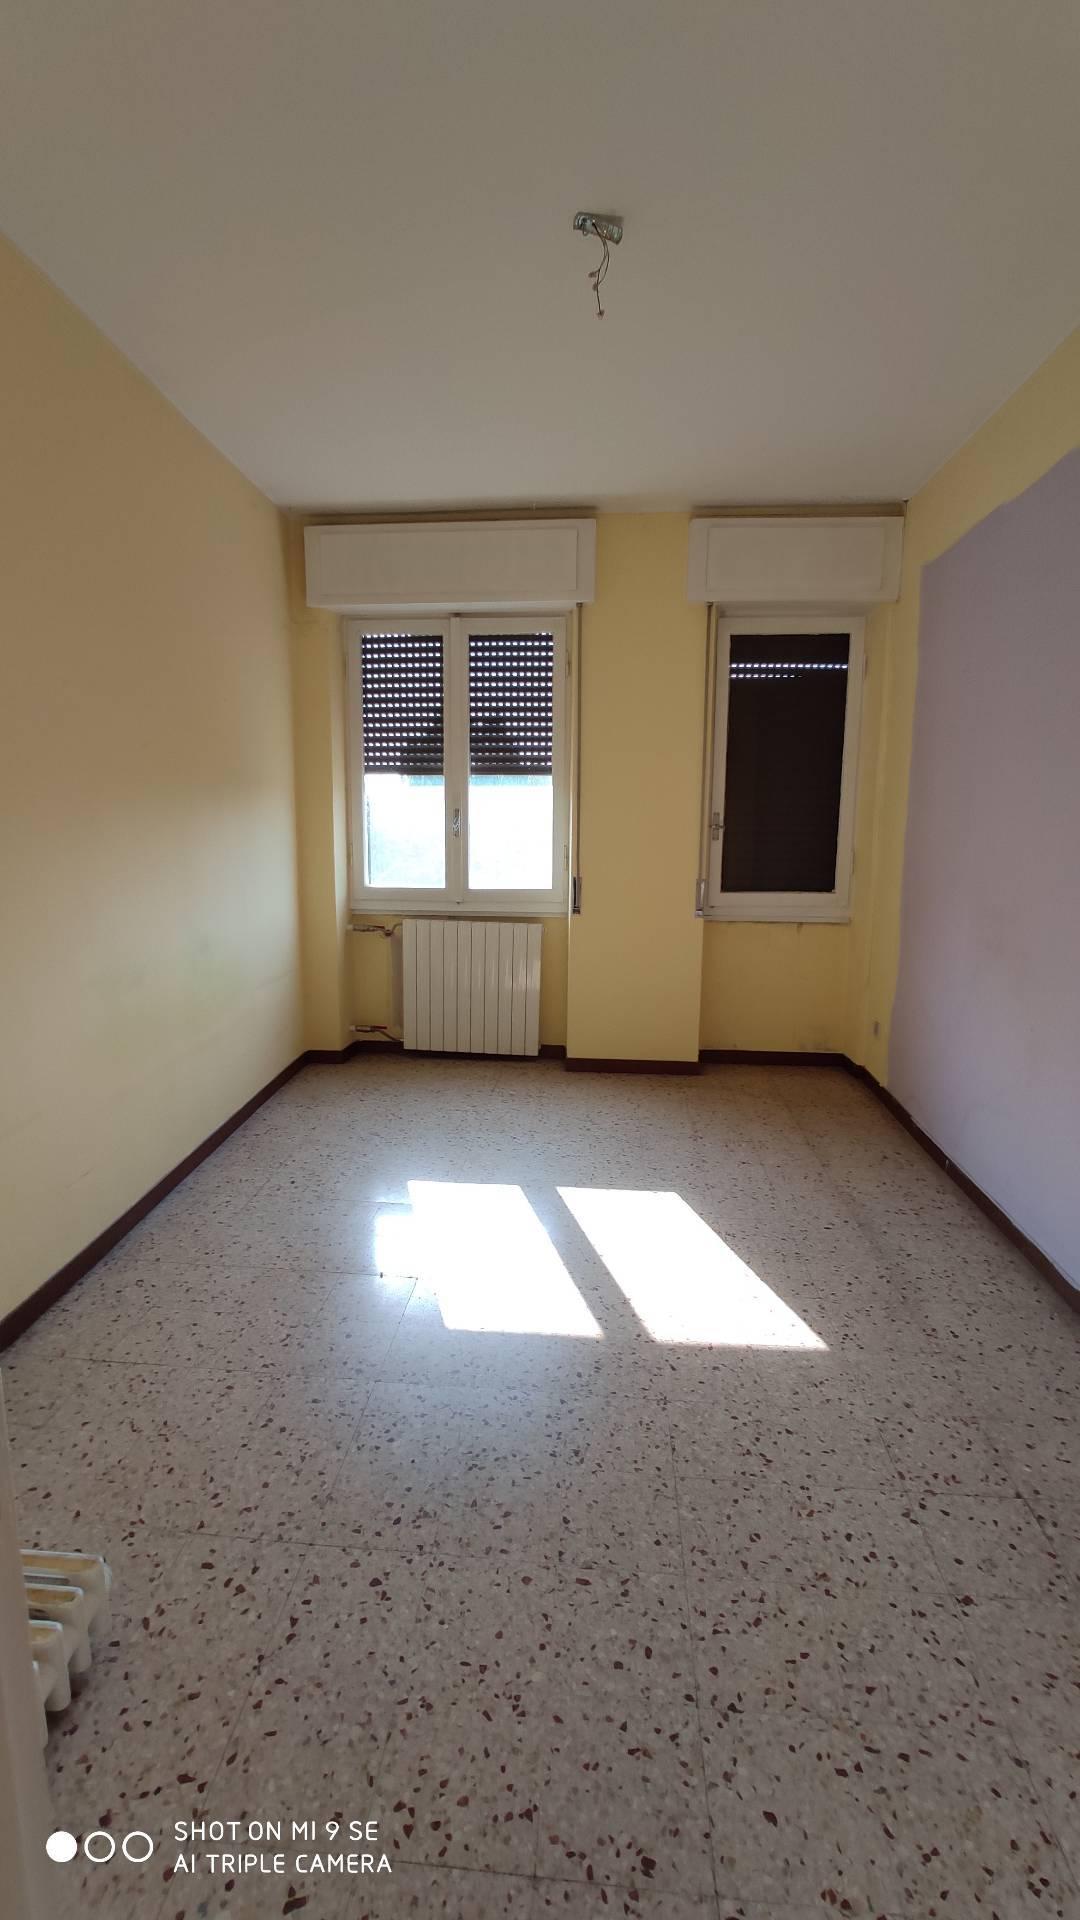 Appartamento in vendita a Cassano d'Adda, 3 locali, prezzo € 75.000 | PortaleAgenzieImmobiliari.it